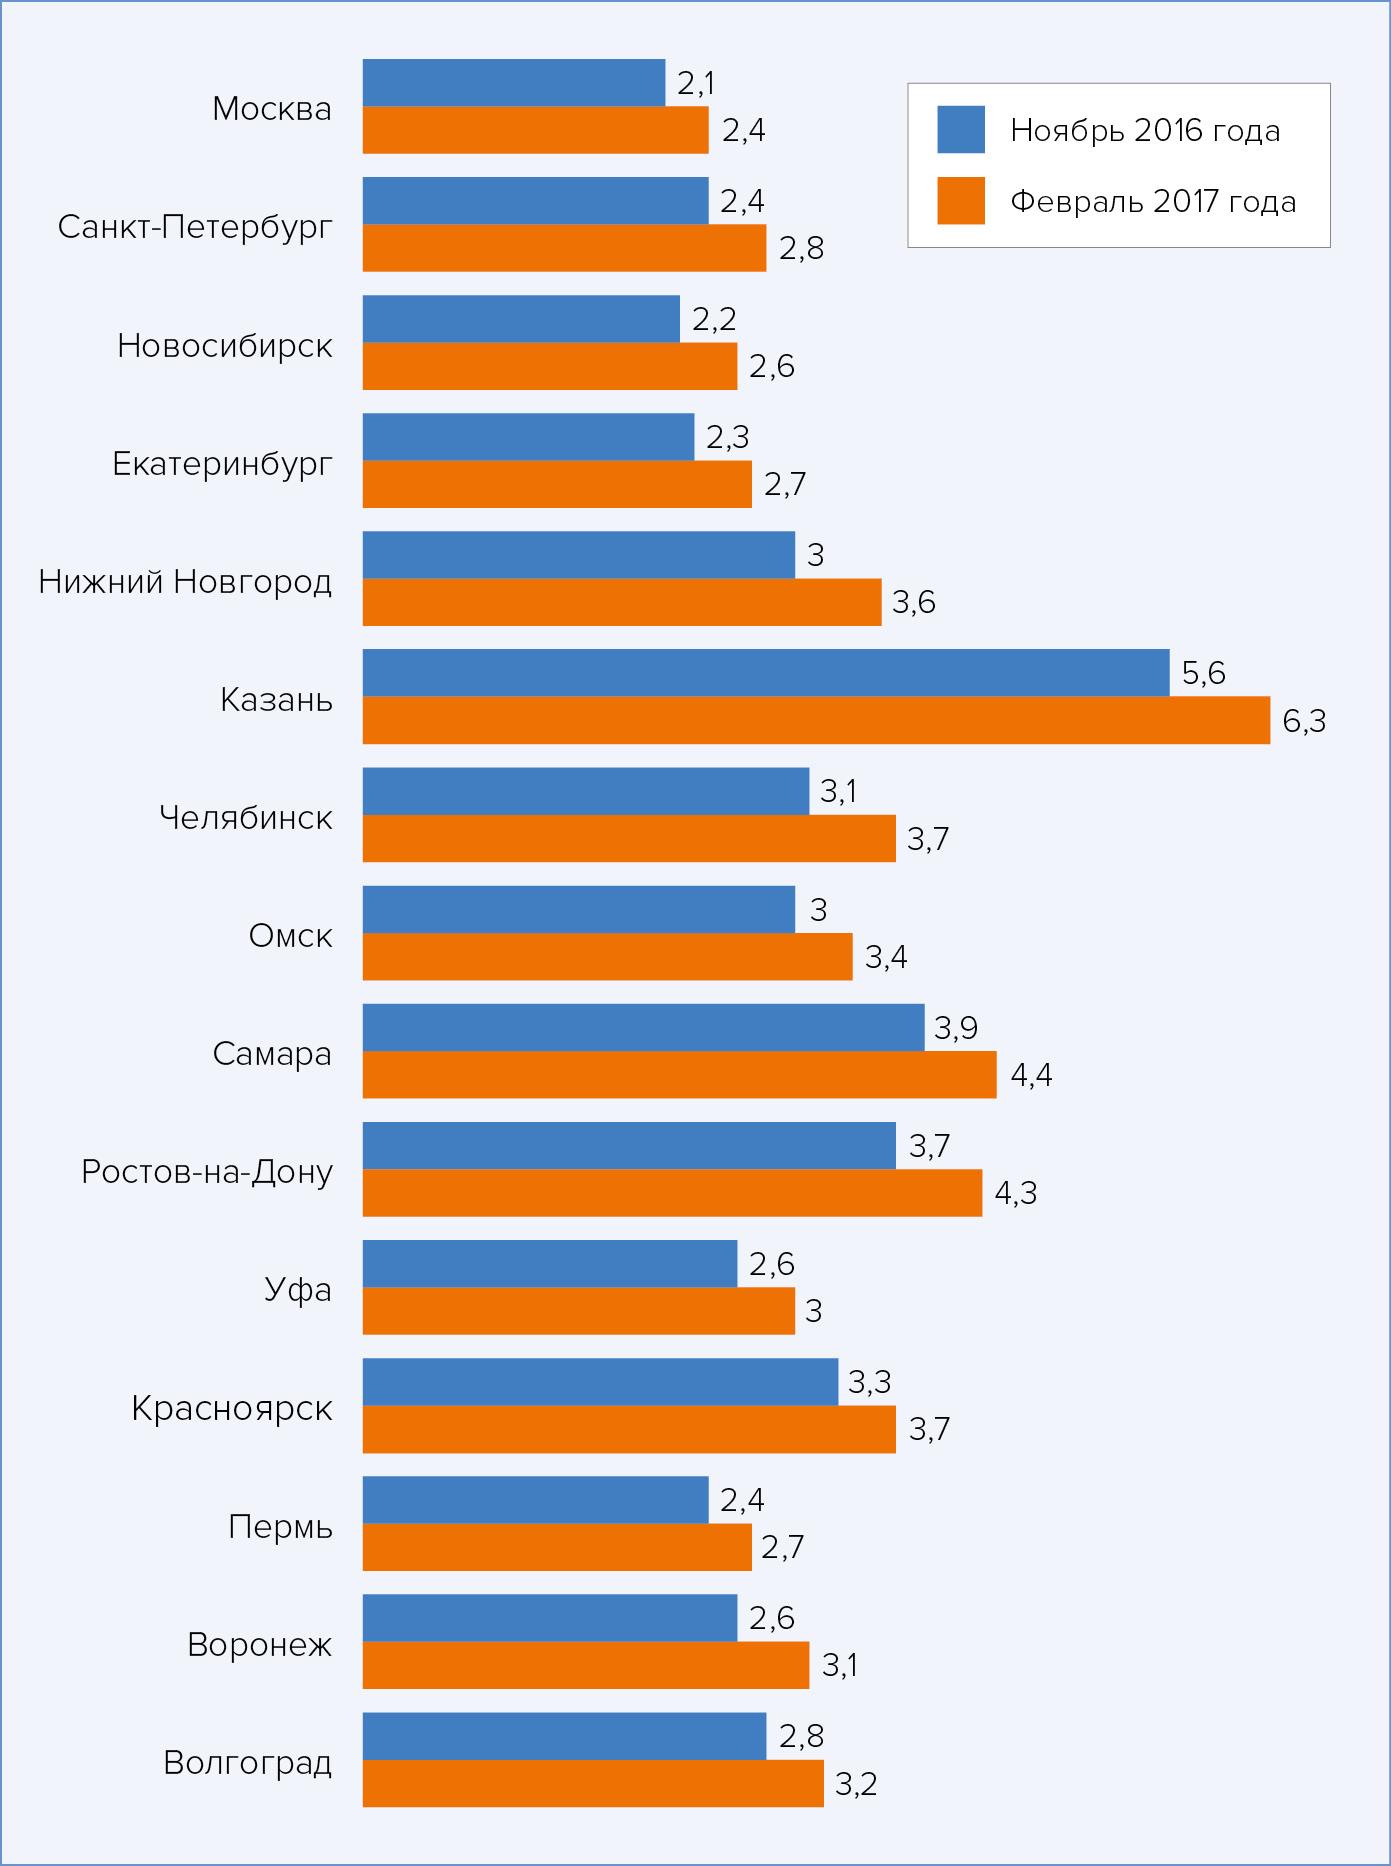 Соотношение резюме и вакансий для специалистов сферы ЦОДов в городах-миллиониках